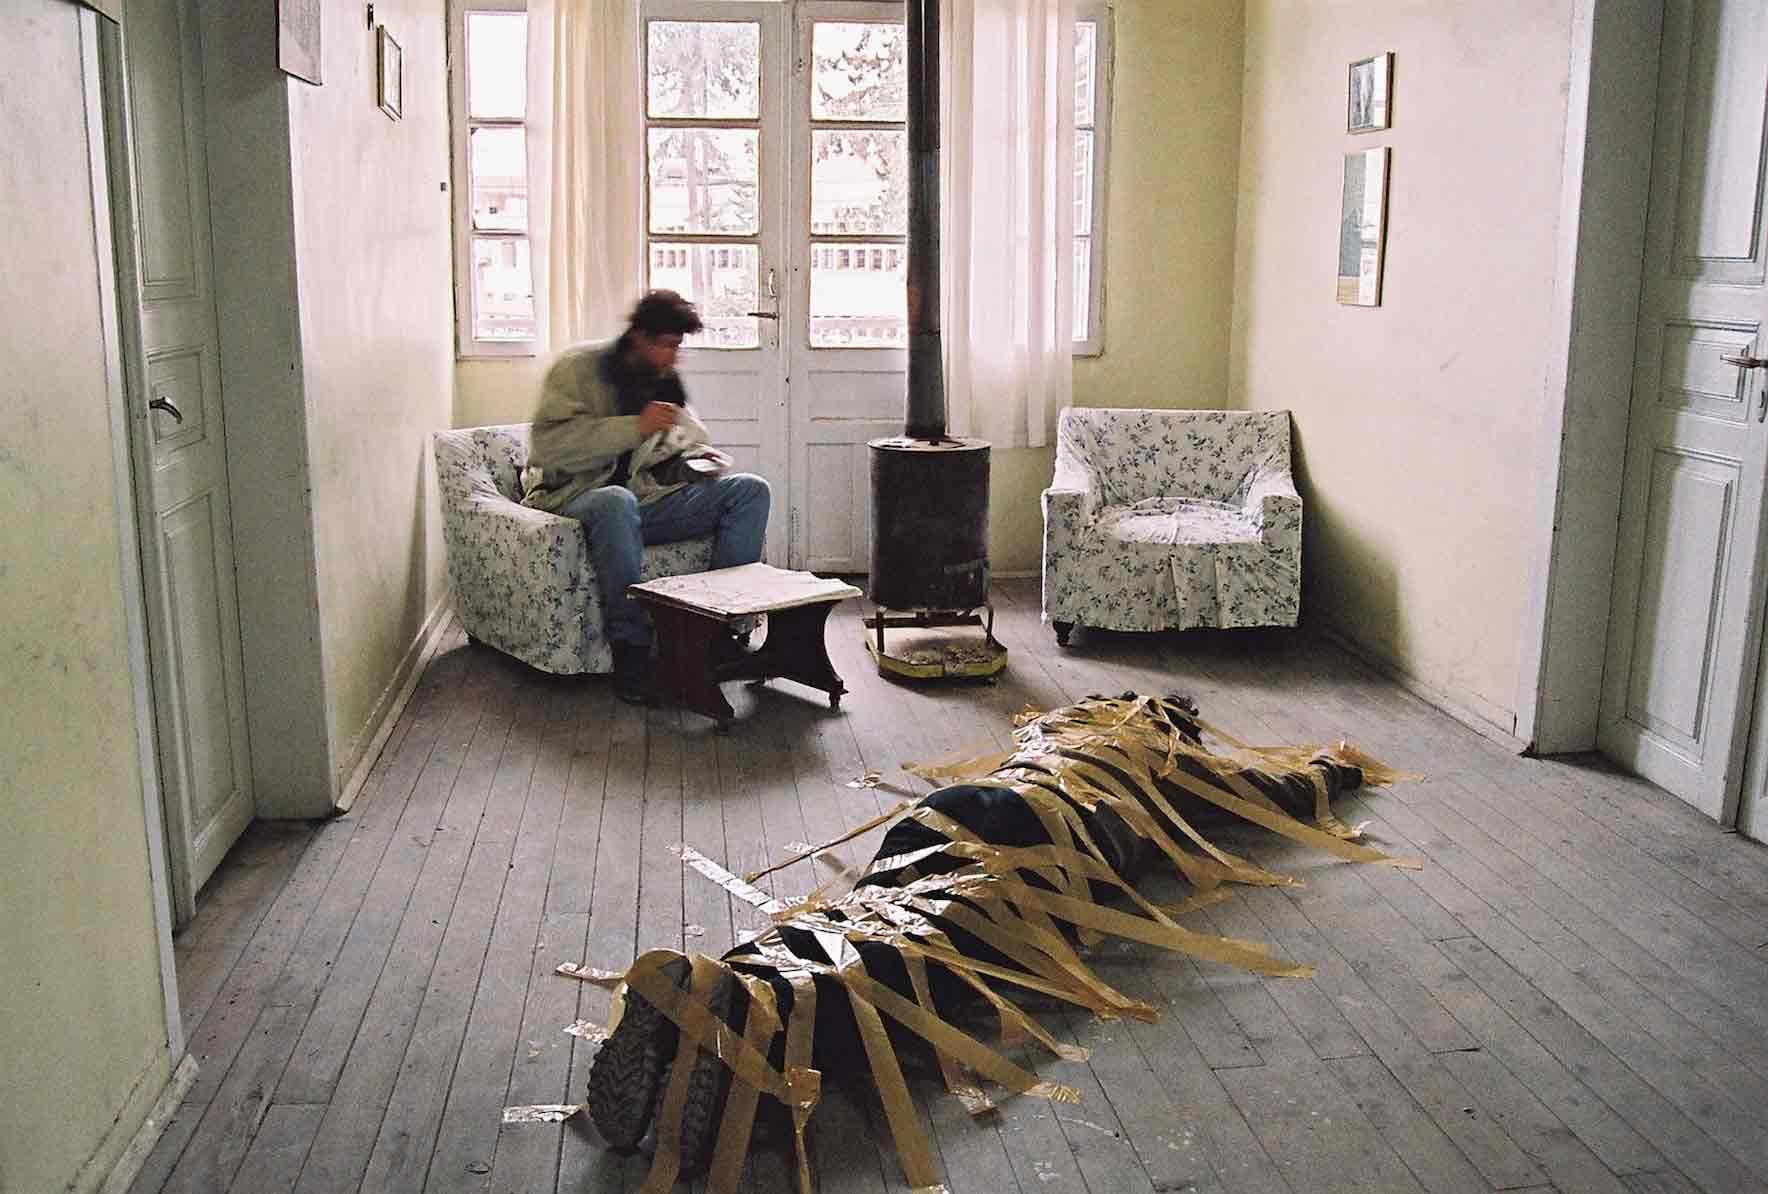 沃尔坎•阿斯兰,《自画像》,2004年(《烟柱》展览 )。图片由艺术家授权使用。